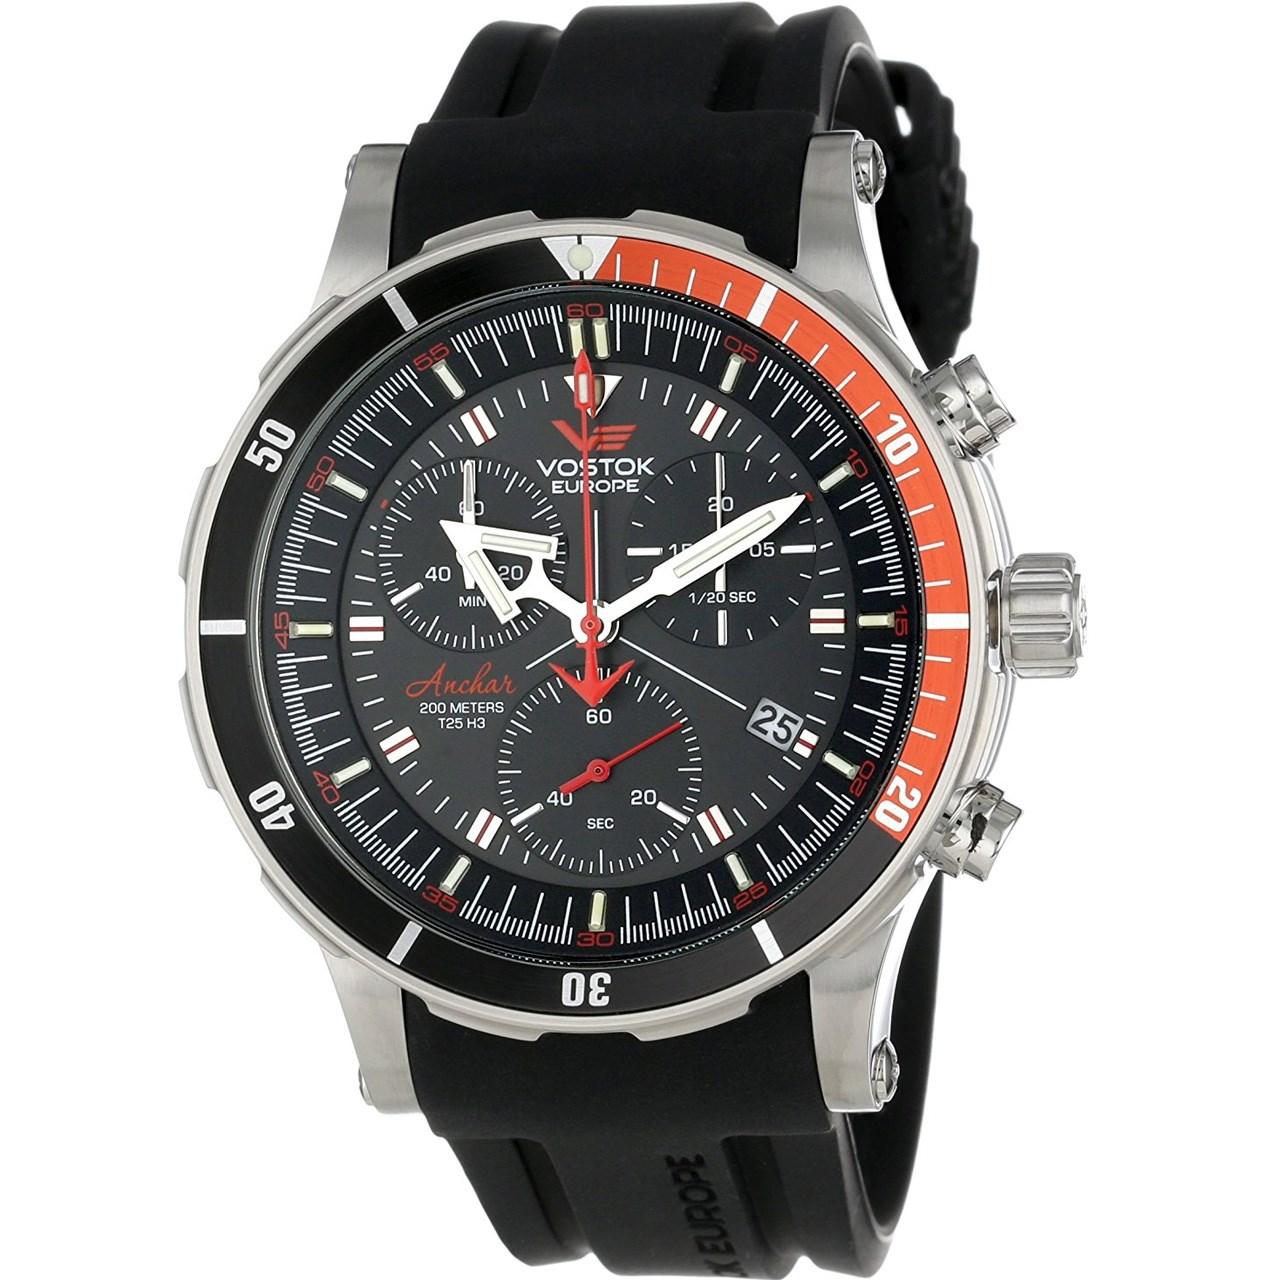 ساعت مچی عقربه ای مردانه وستوک یوروپ مدل 6S30-5105201 تولید محدود 55